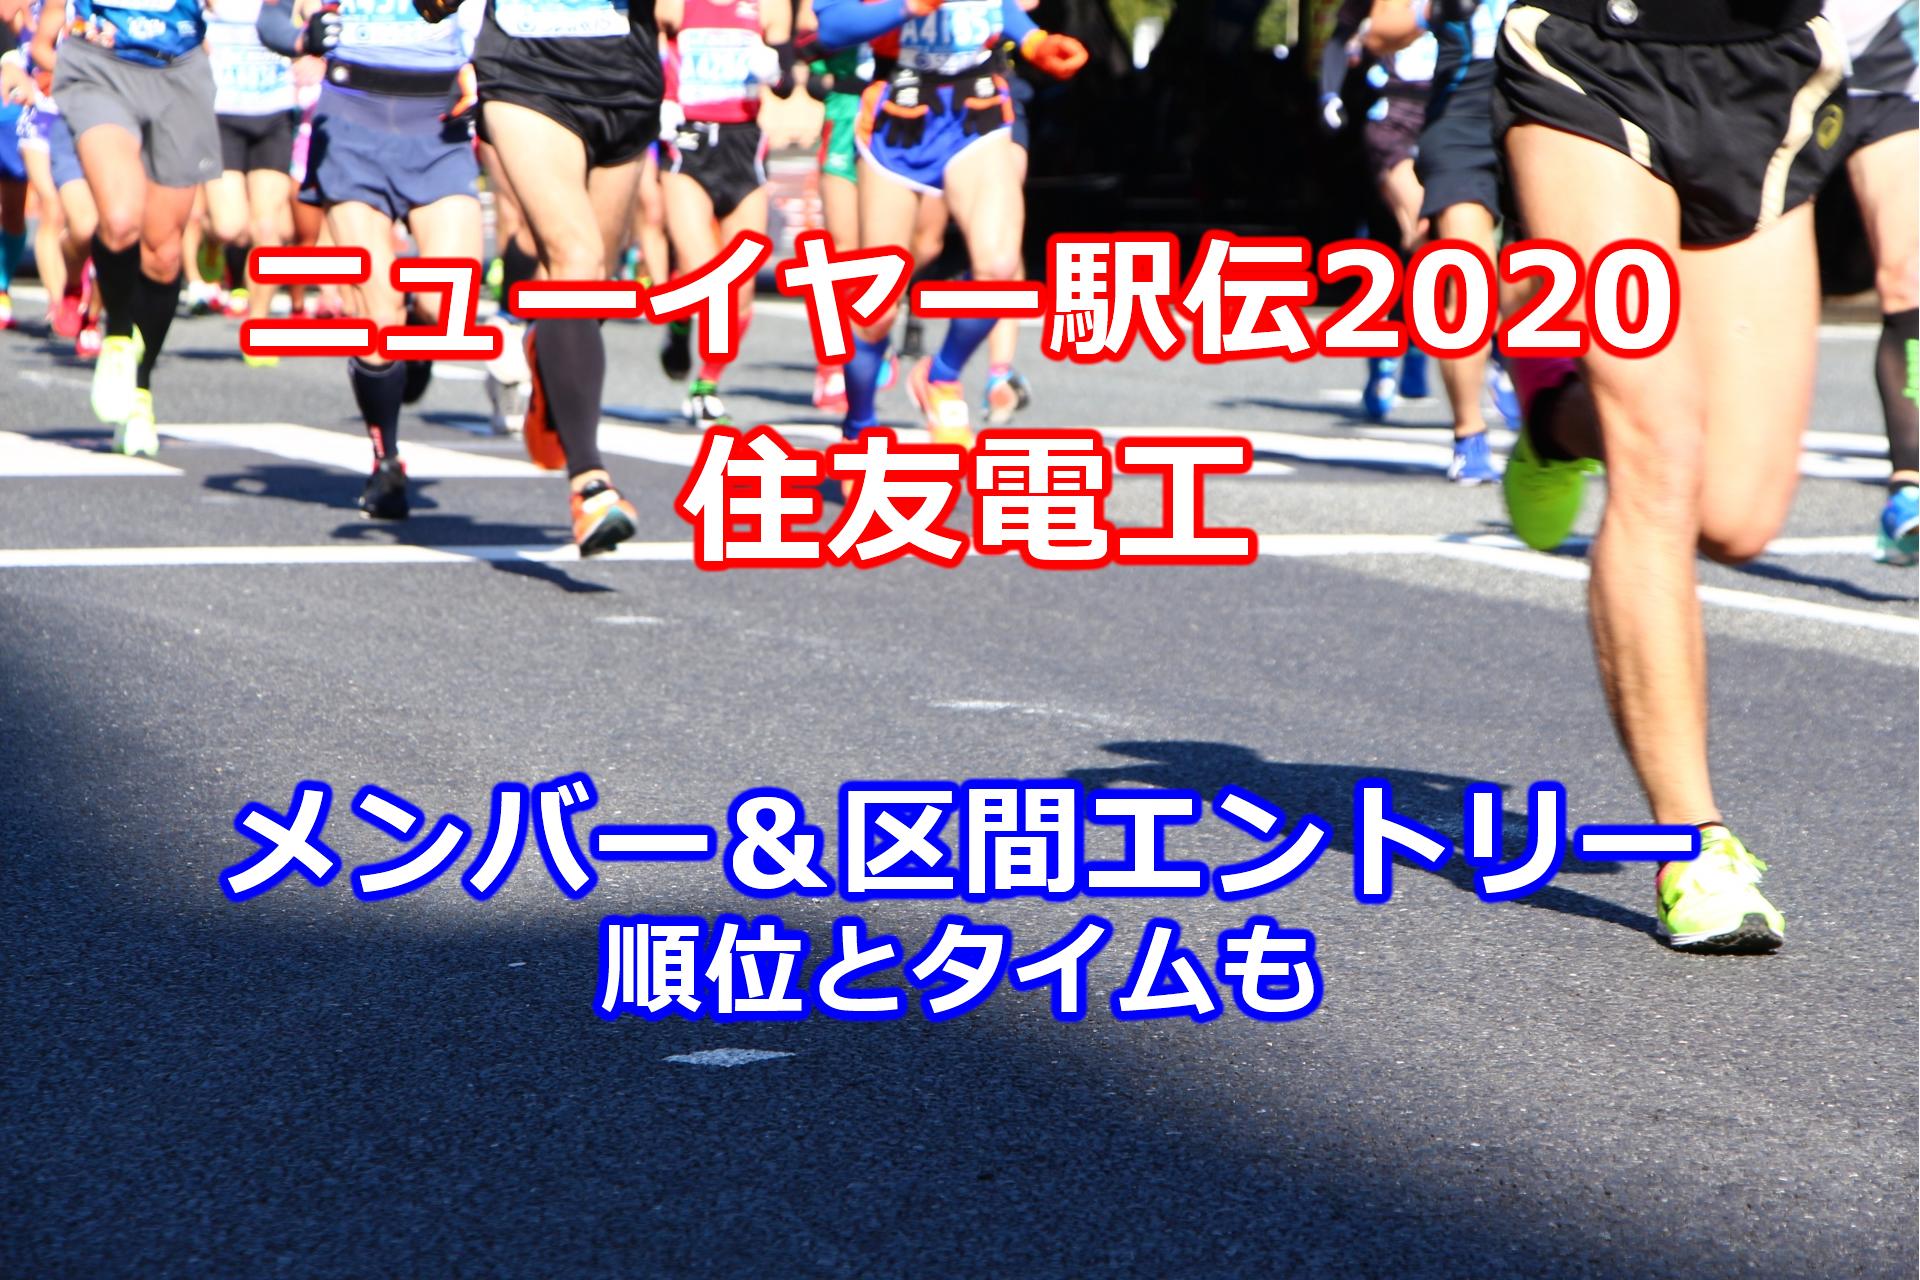 ニューイヤー駅伝2020住友電工メンバー・区間エントリー・結果・順位・タイムまとめ